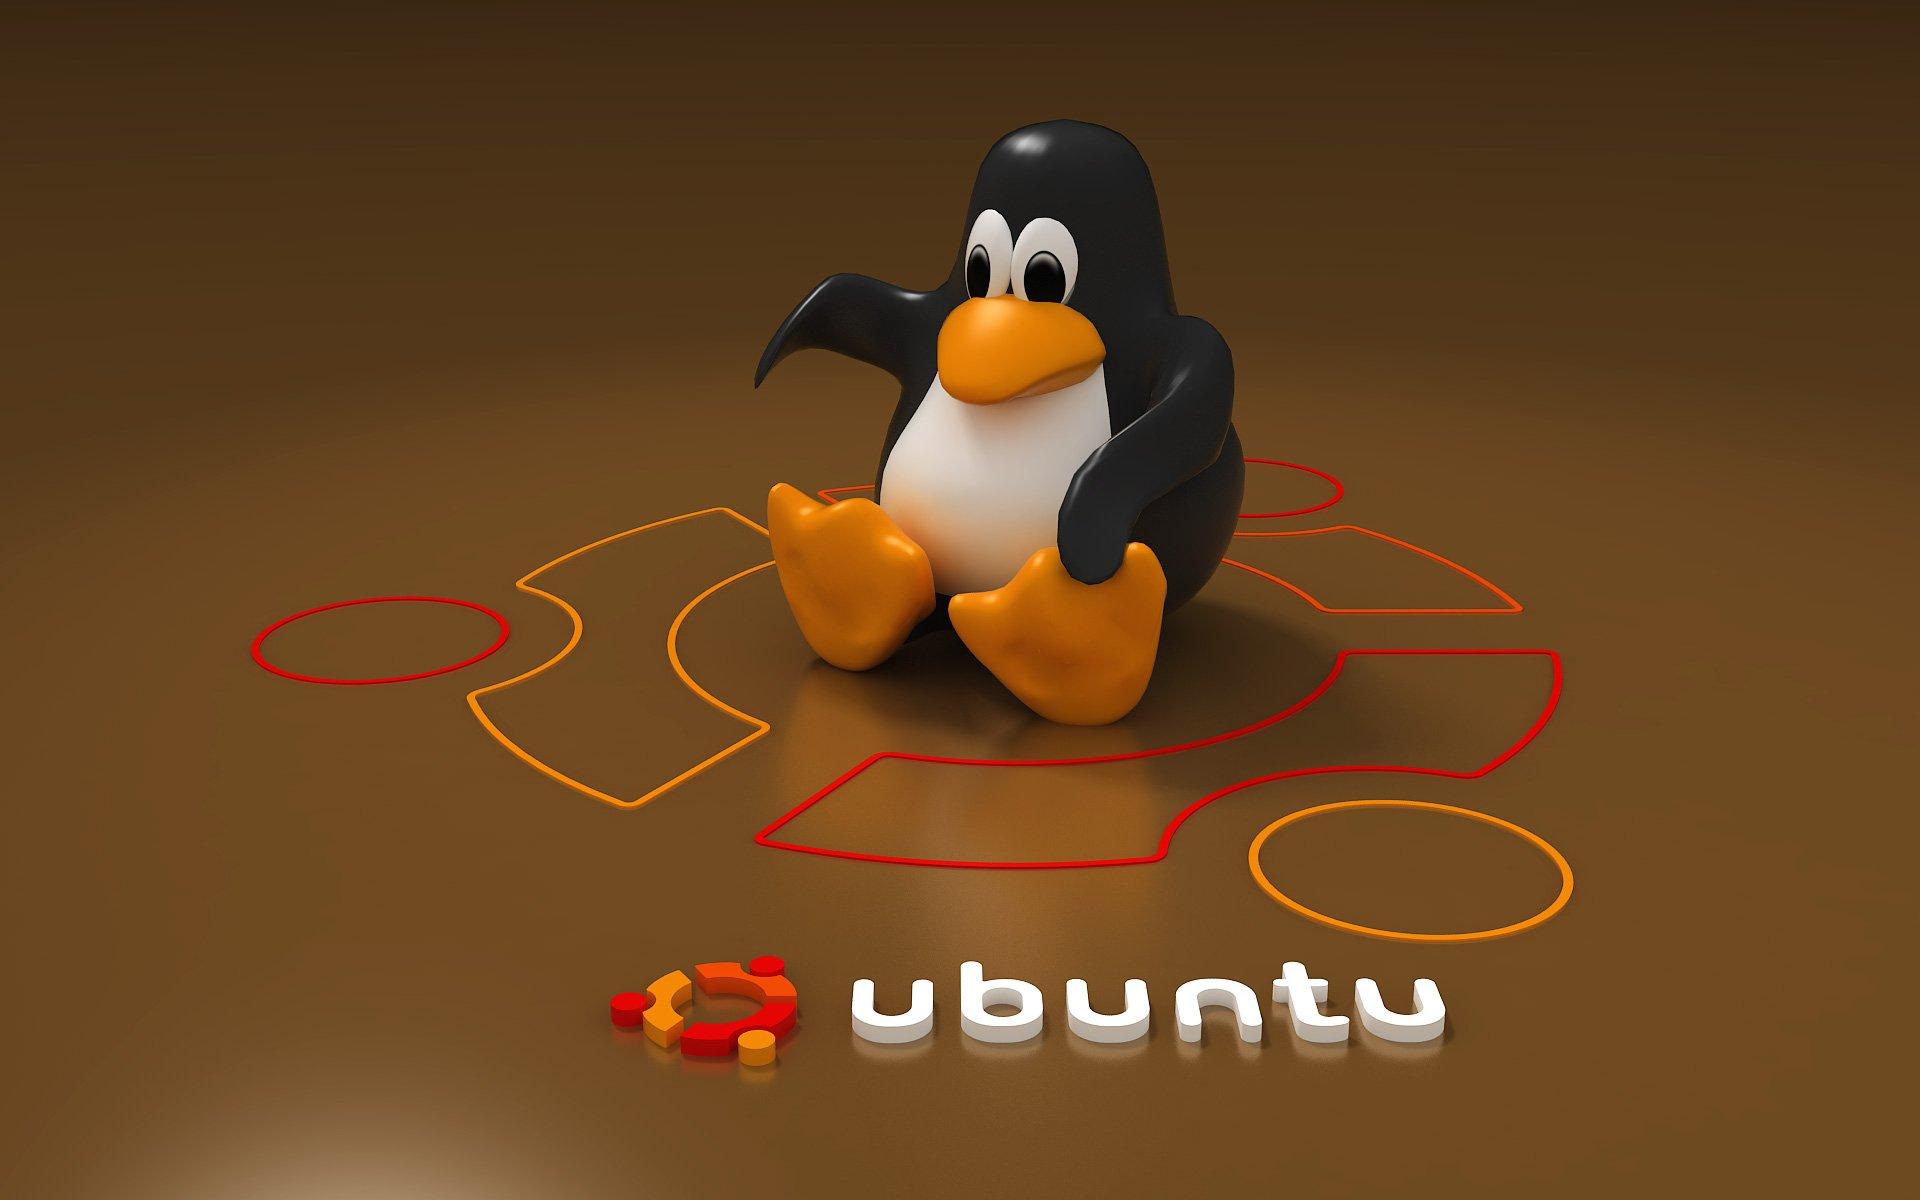 Yakkety yak ubuntu 16.10